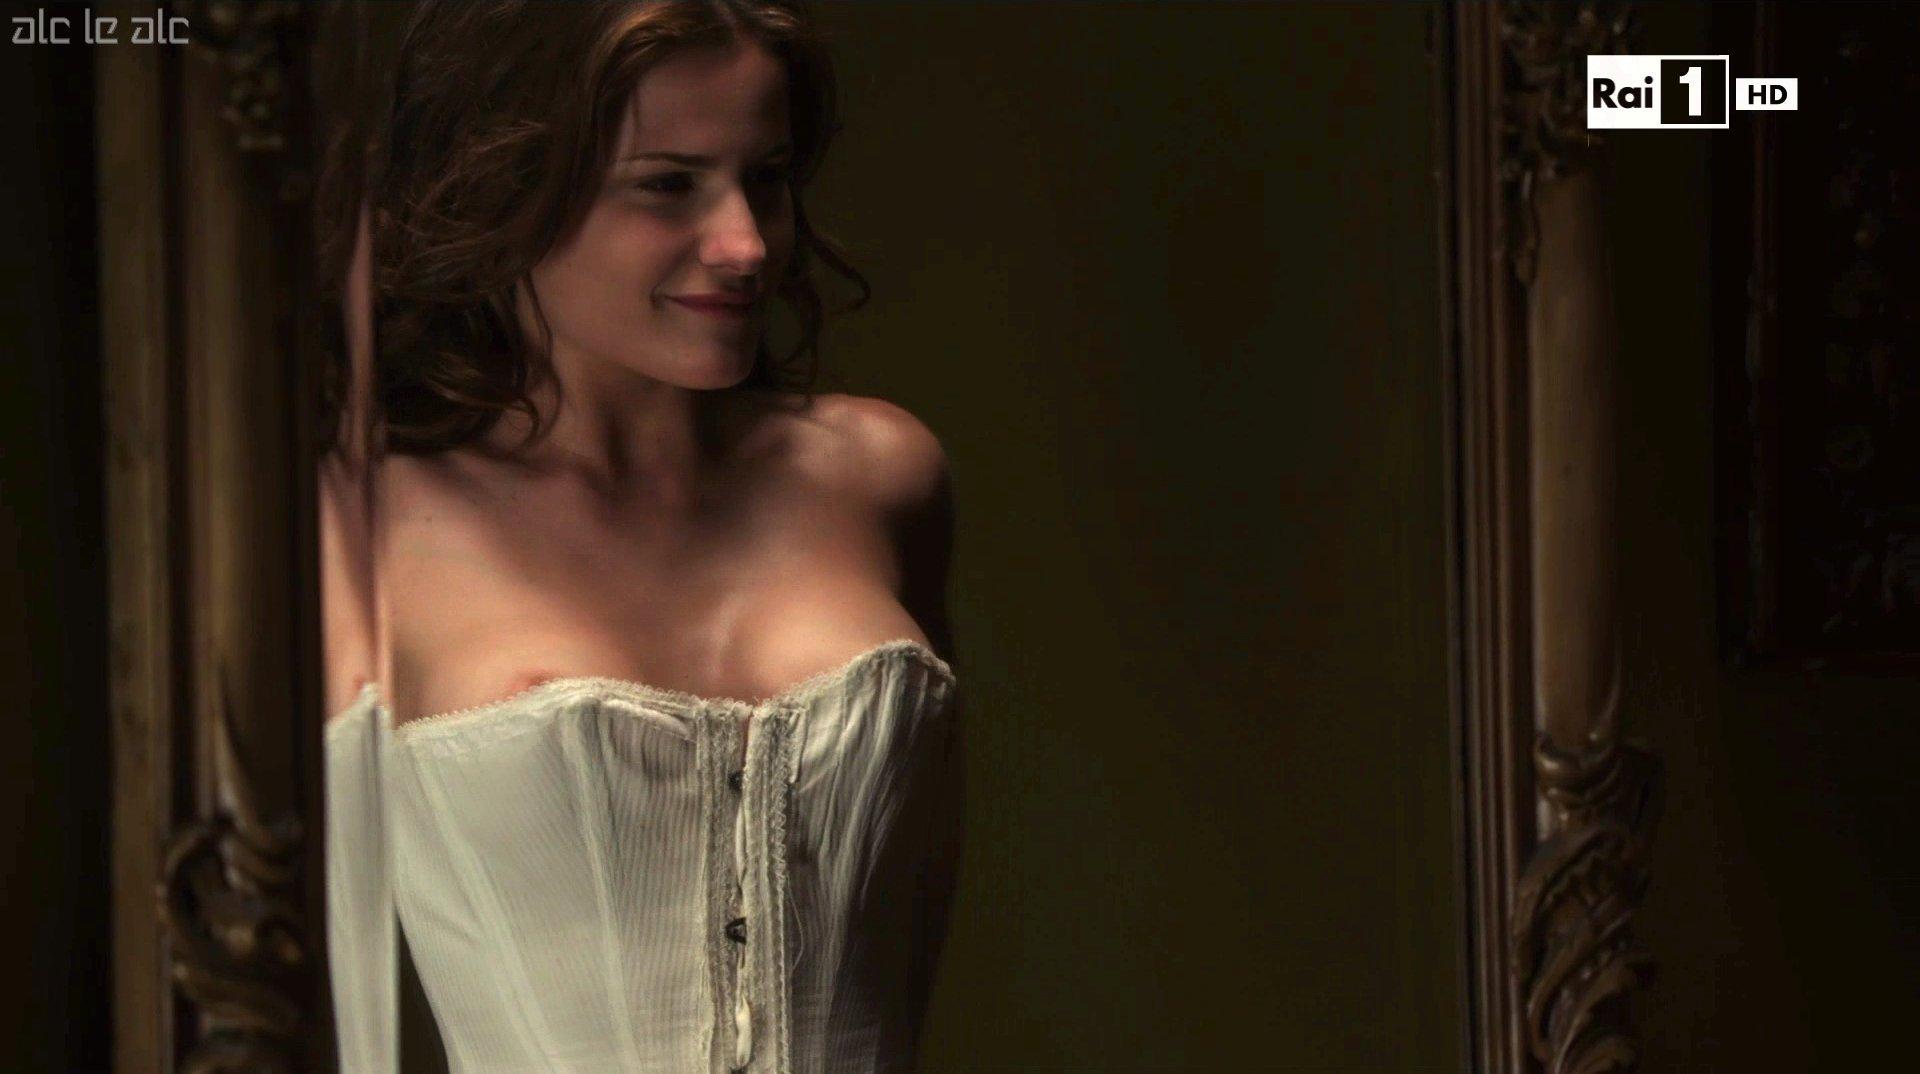 Giulia Gorietti Nude giulia elettra gorietti sexy raccolta foto thread - daidegas